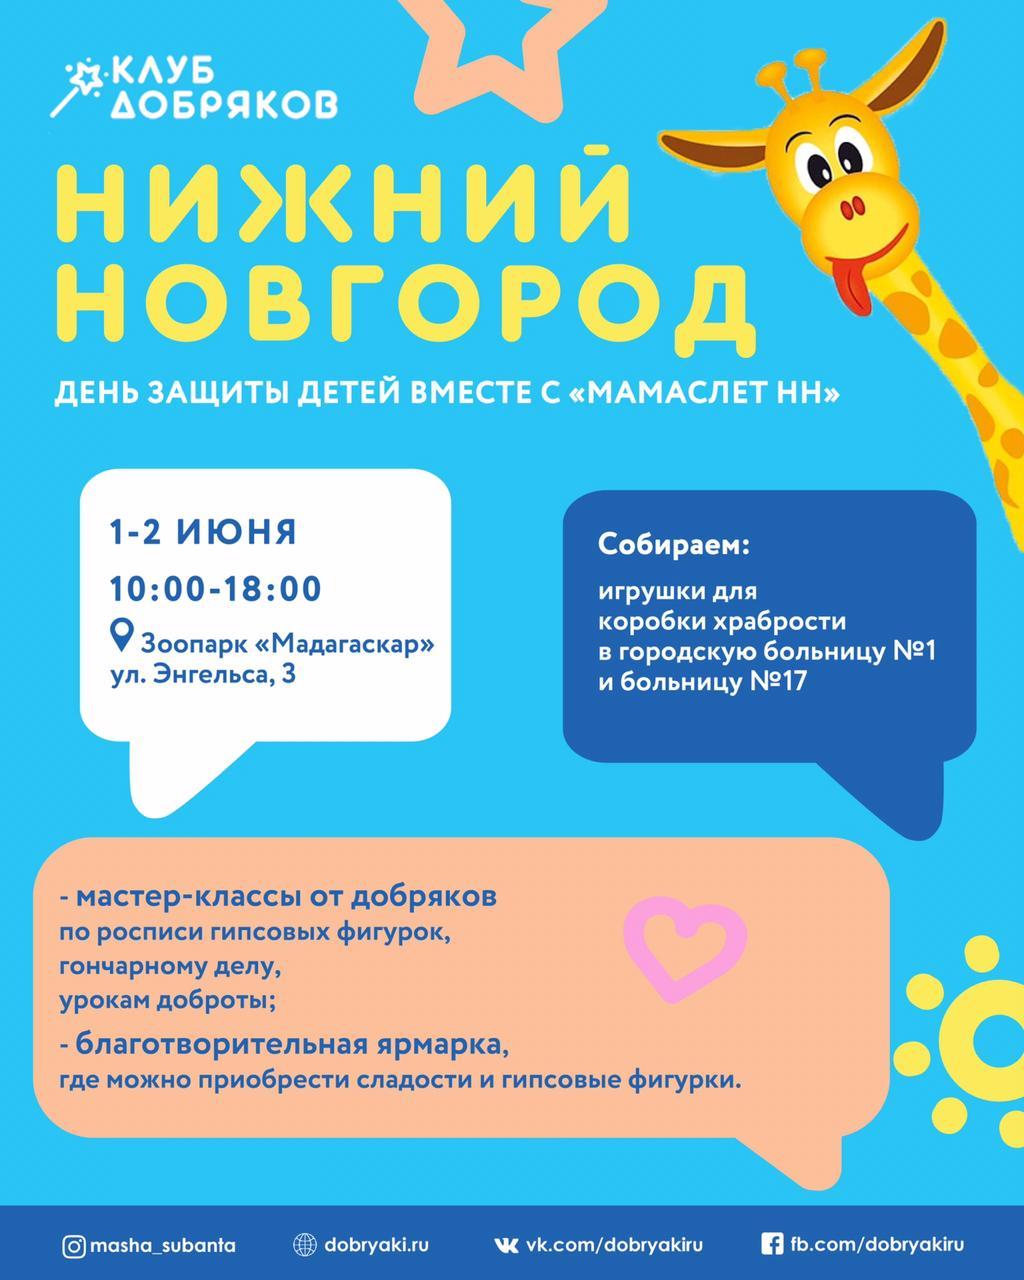 Мастер-классы и благотворительная ярмарка в Нижнем Новгороде